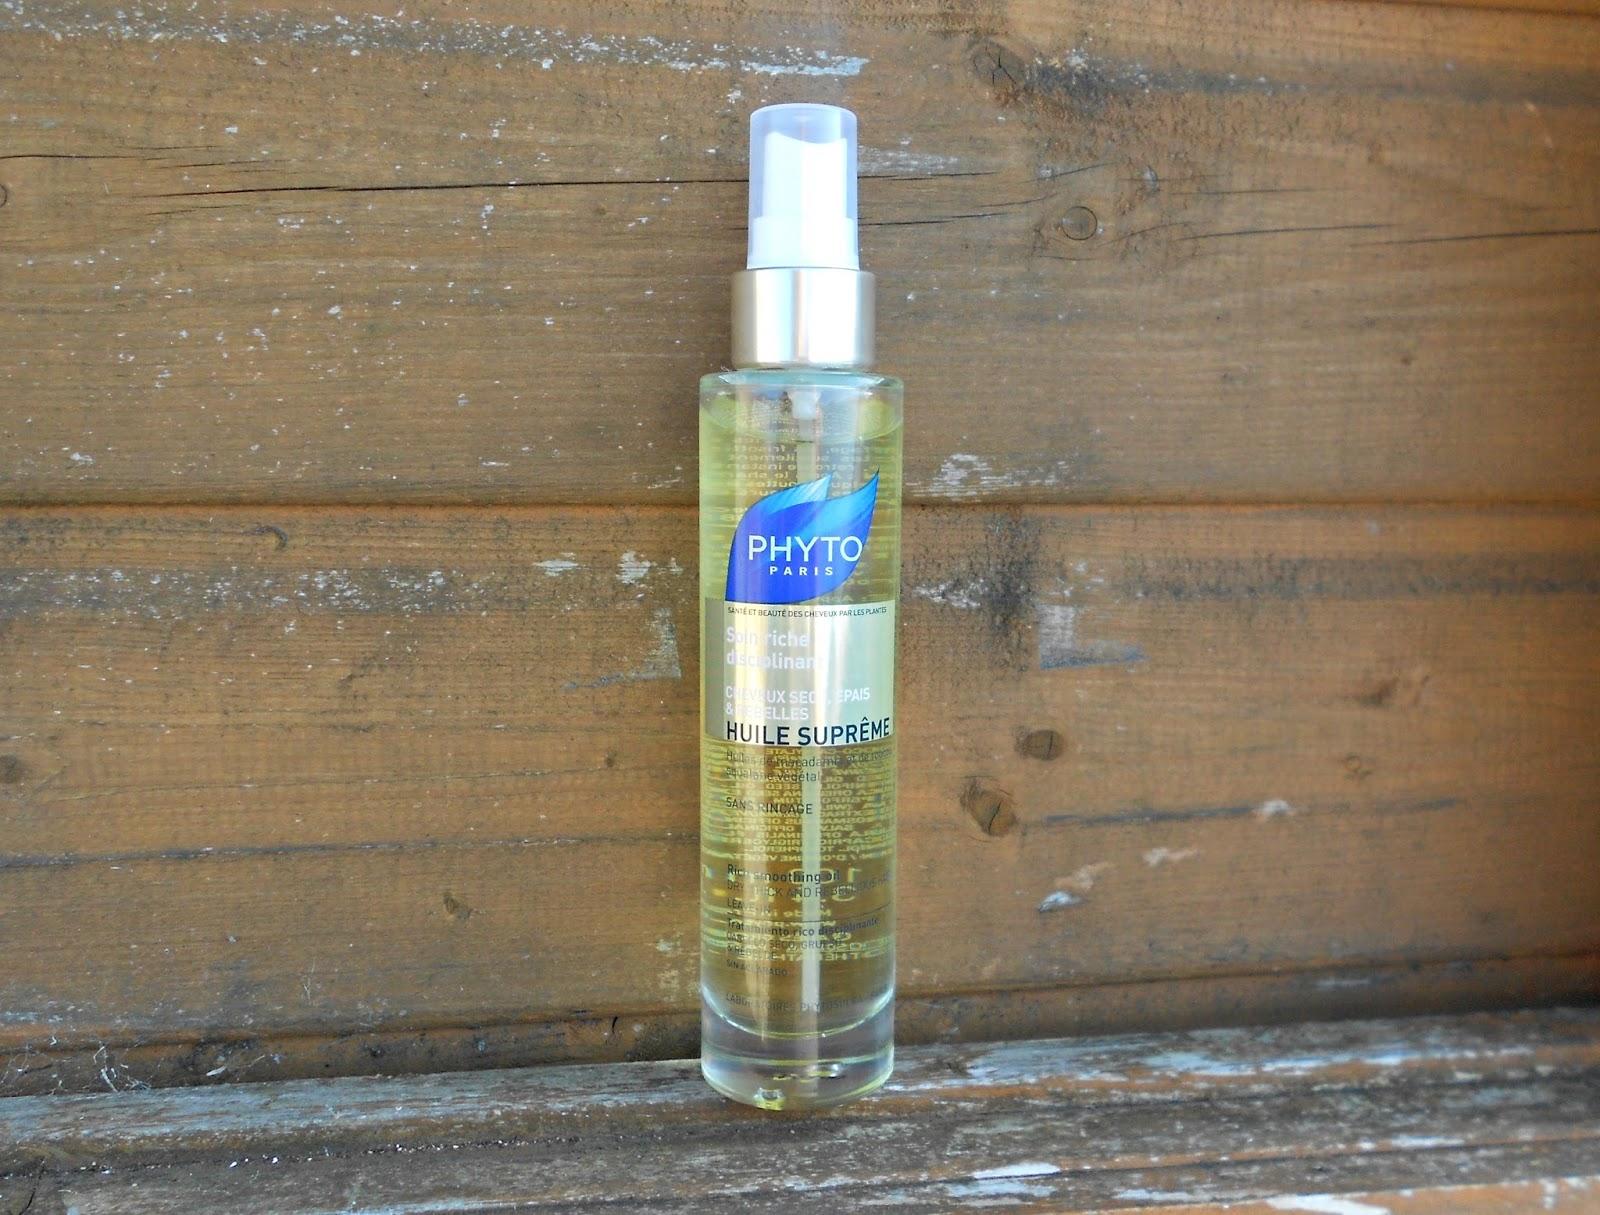 PHYTO HUILE SOYEUSE hair oil